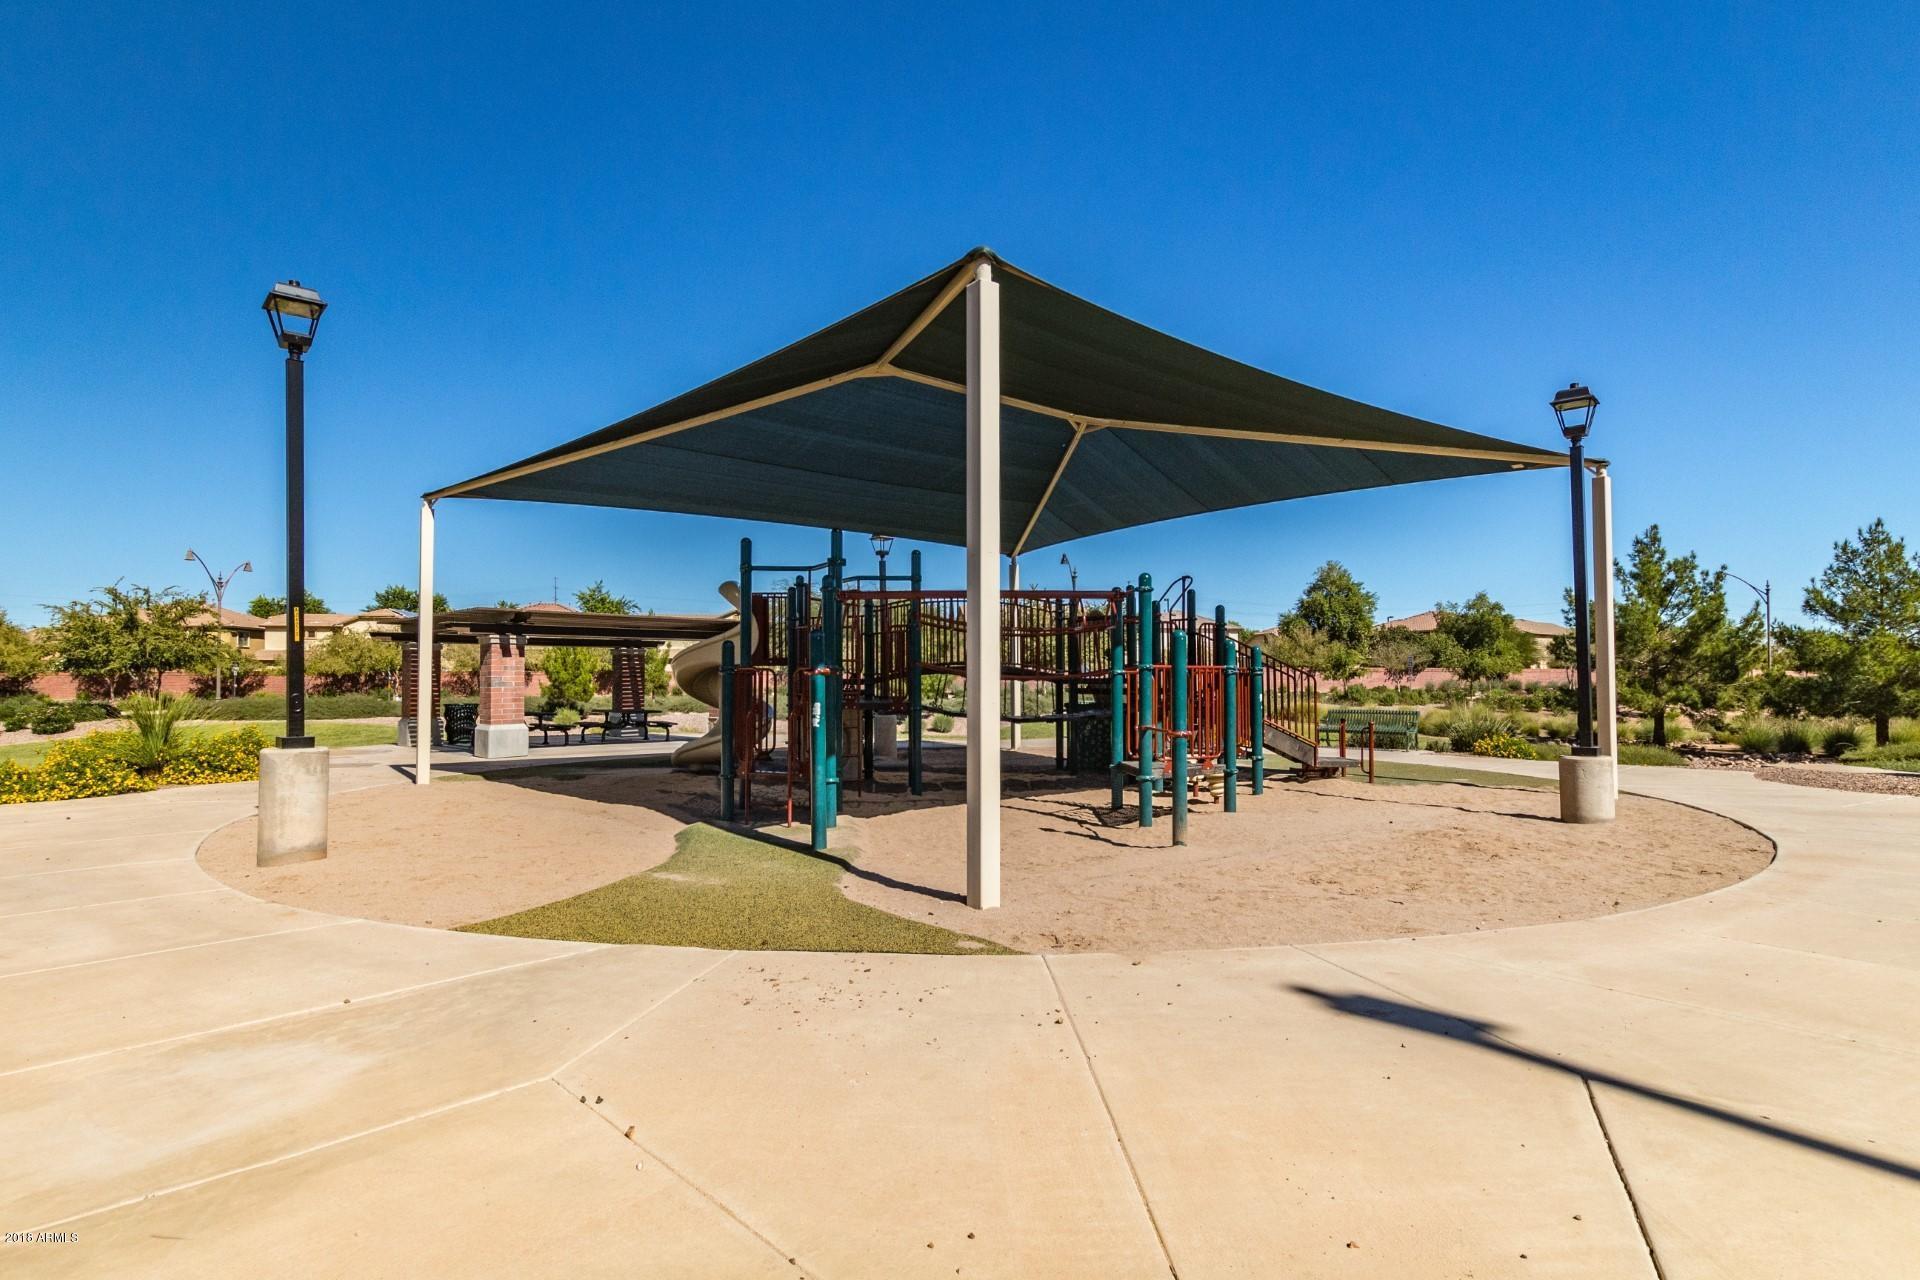 MLS 5836345 3759 E LARSON Lane, Gilbert, AZ 85295 Cooley Station